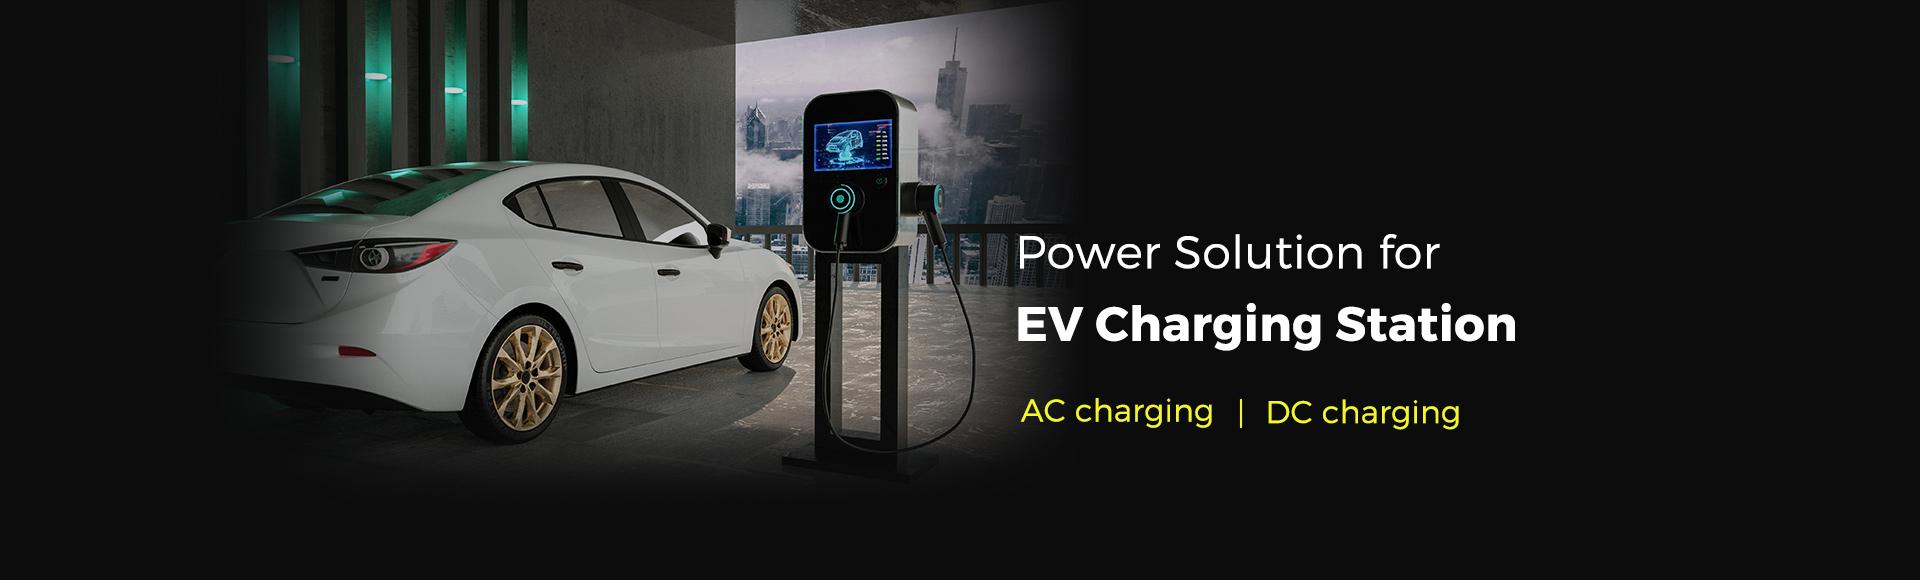 mornusn power converter for ev charging station